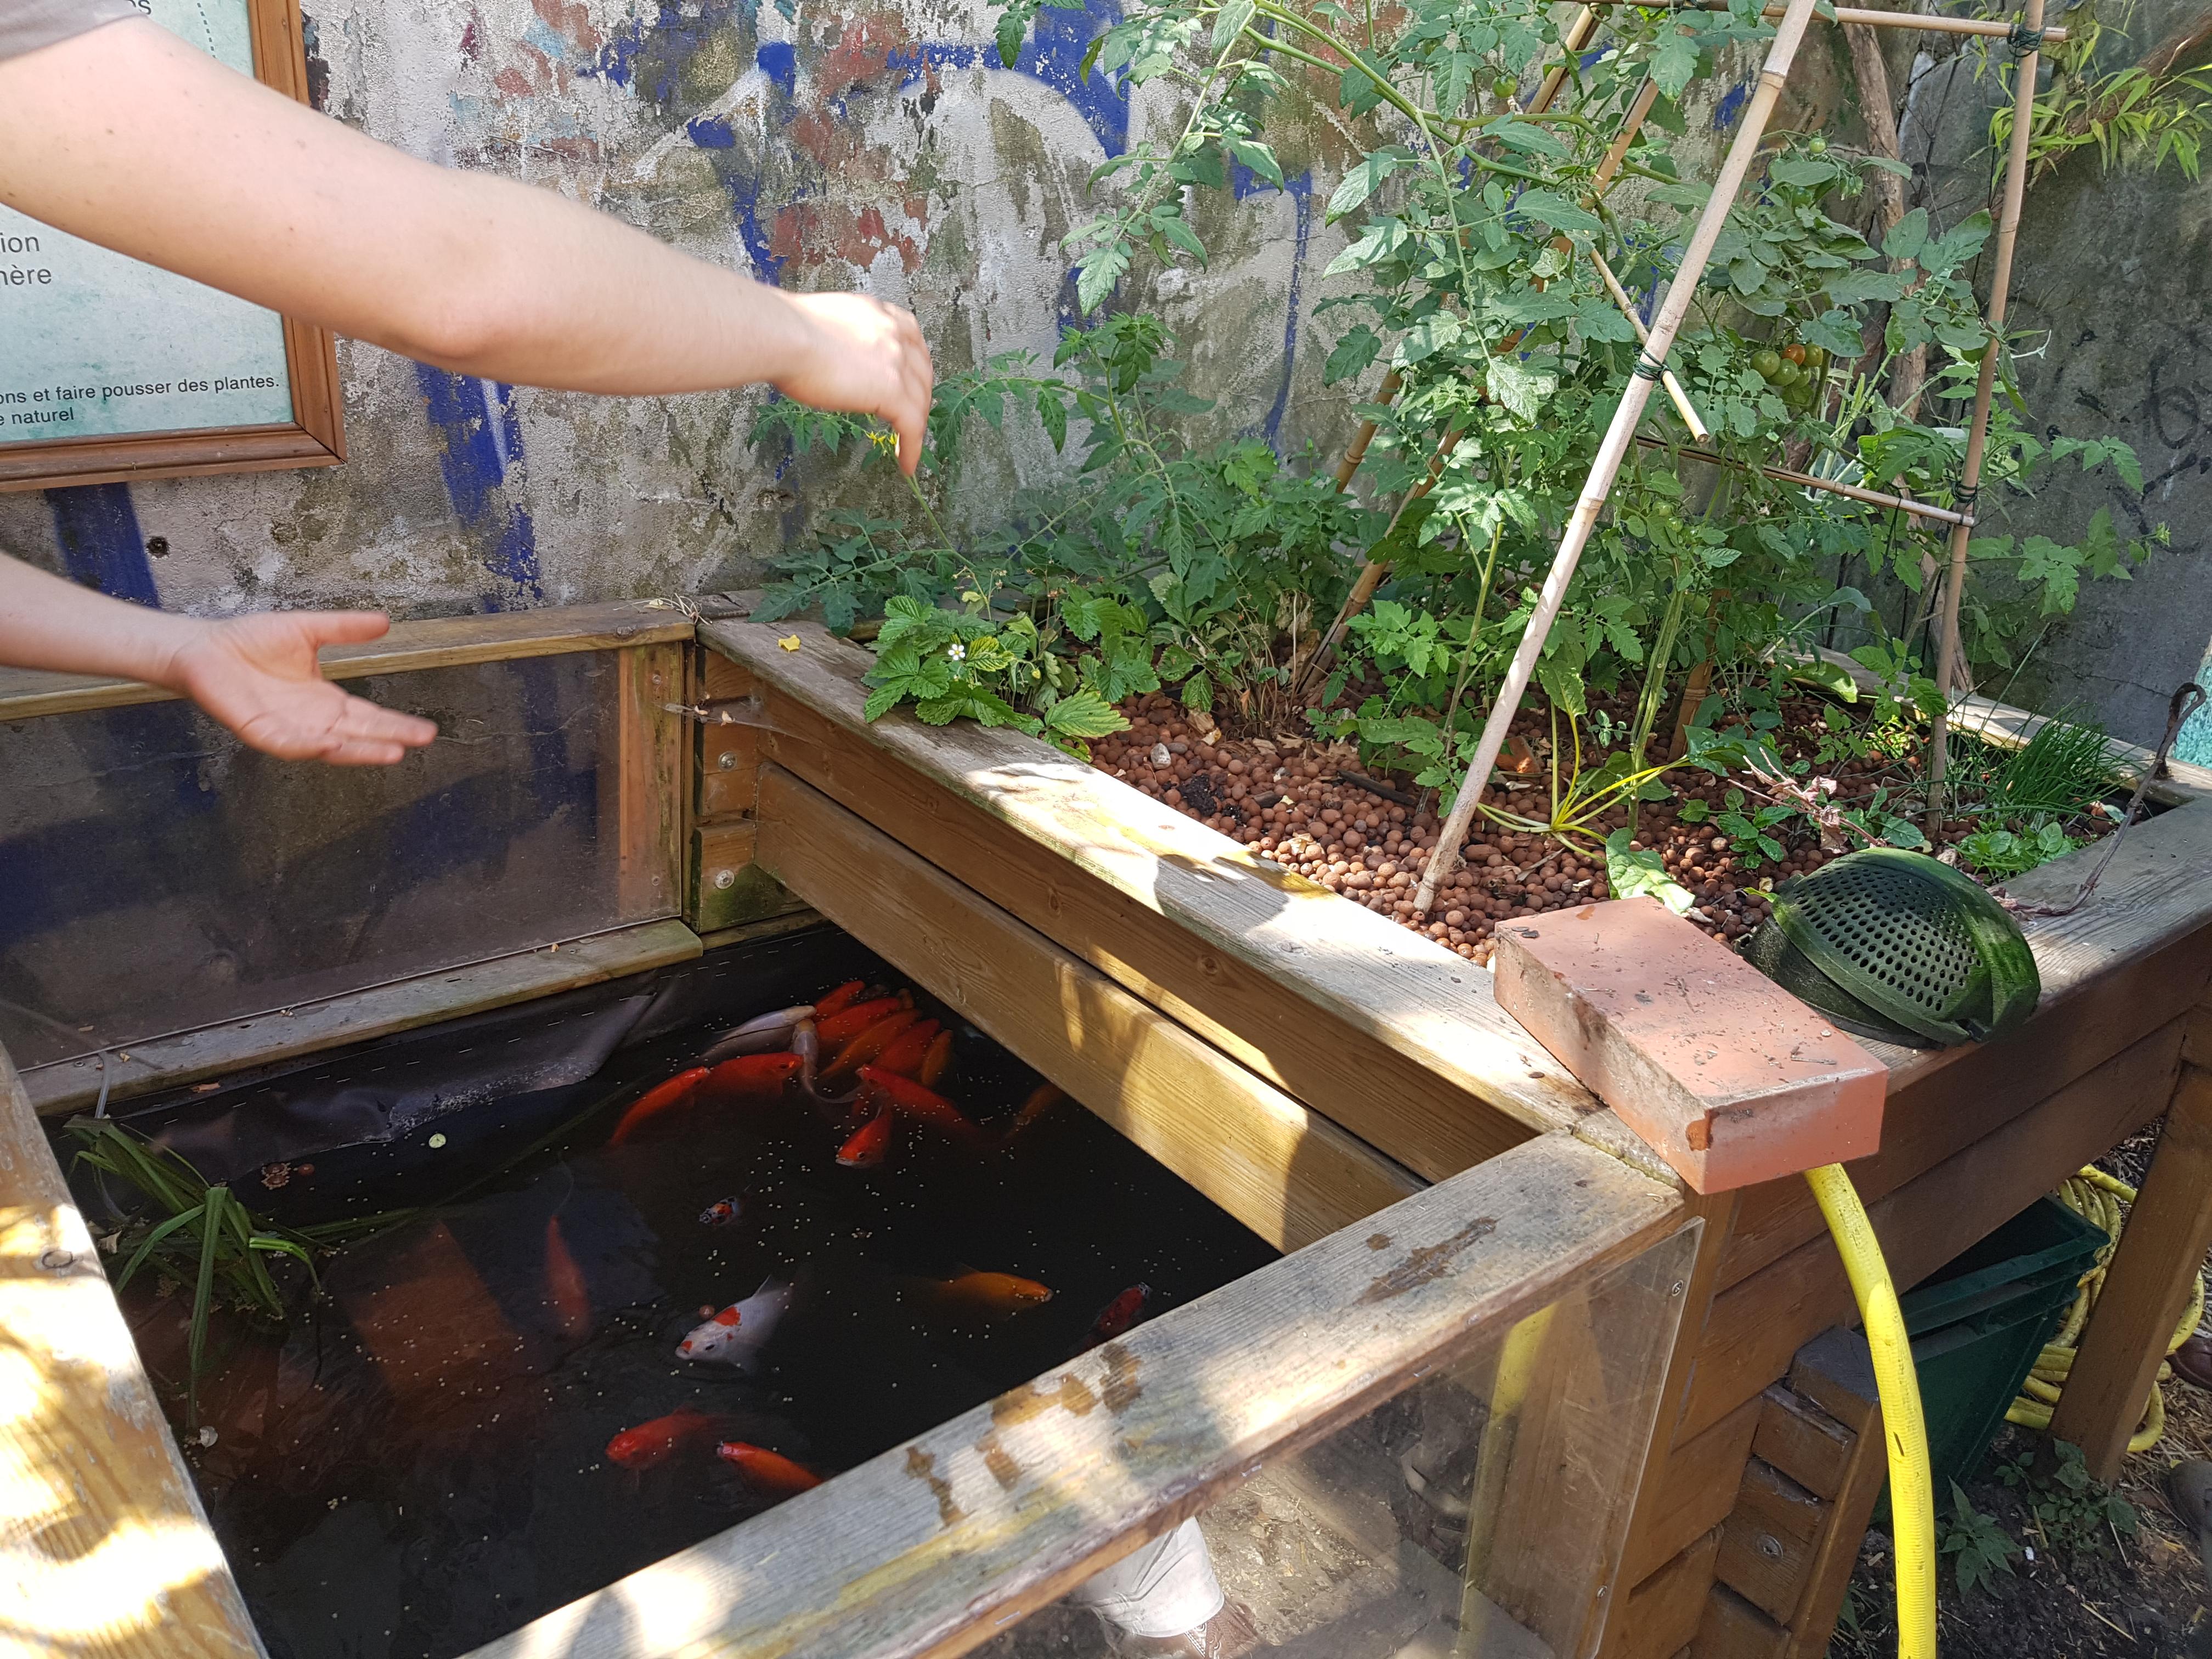 L'eau sert à la fois de support d'élevage aux poissons et de solution fertilisante pour les végétaux - © Jaubert